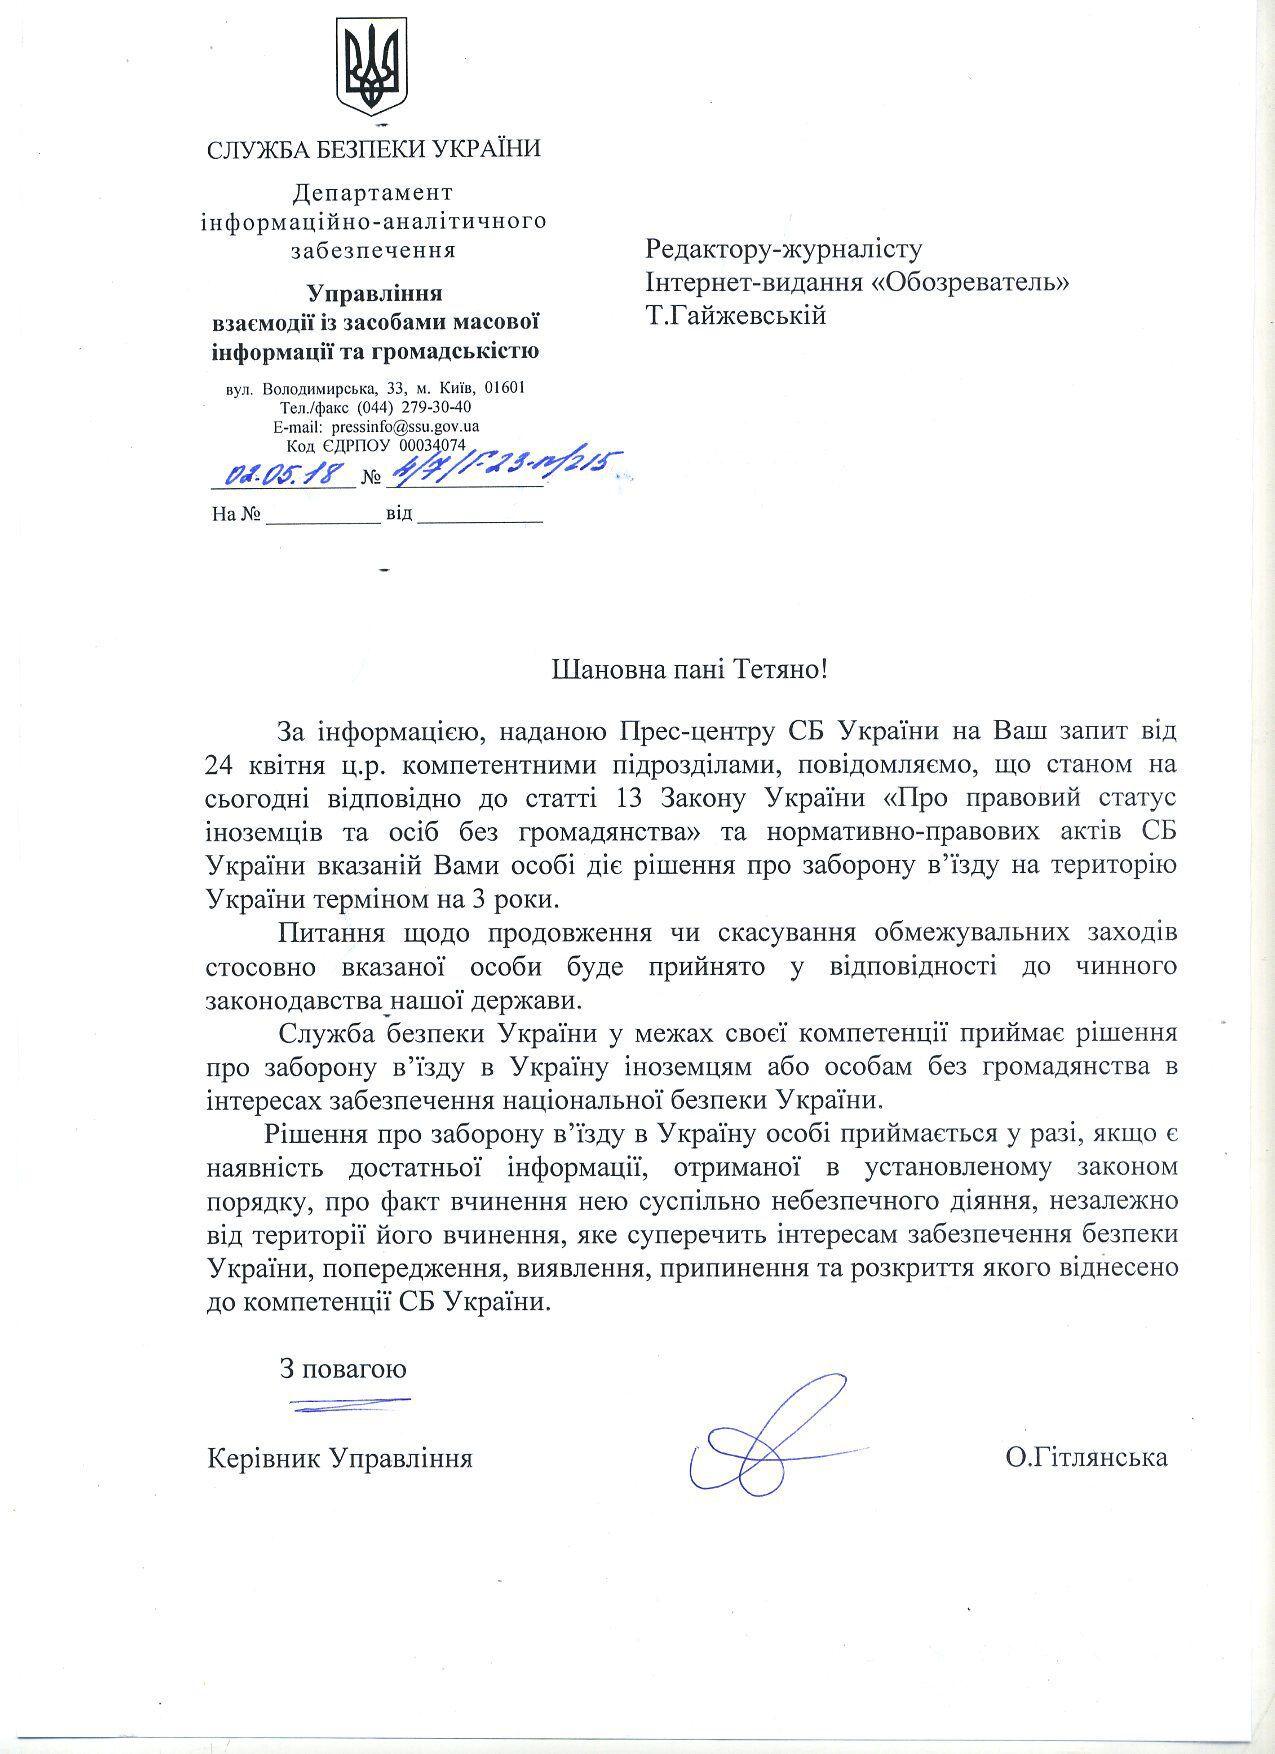 СБУ повідомила, що з забороною на в'їзд Берлусконі